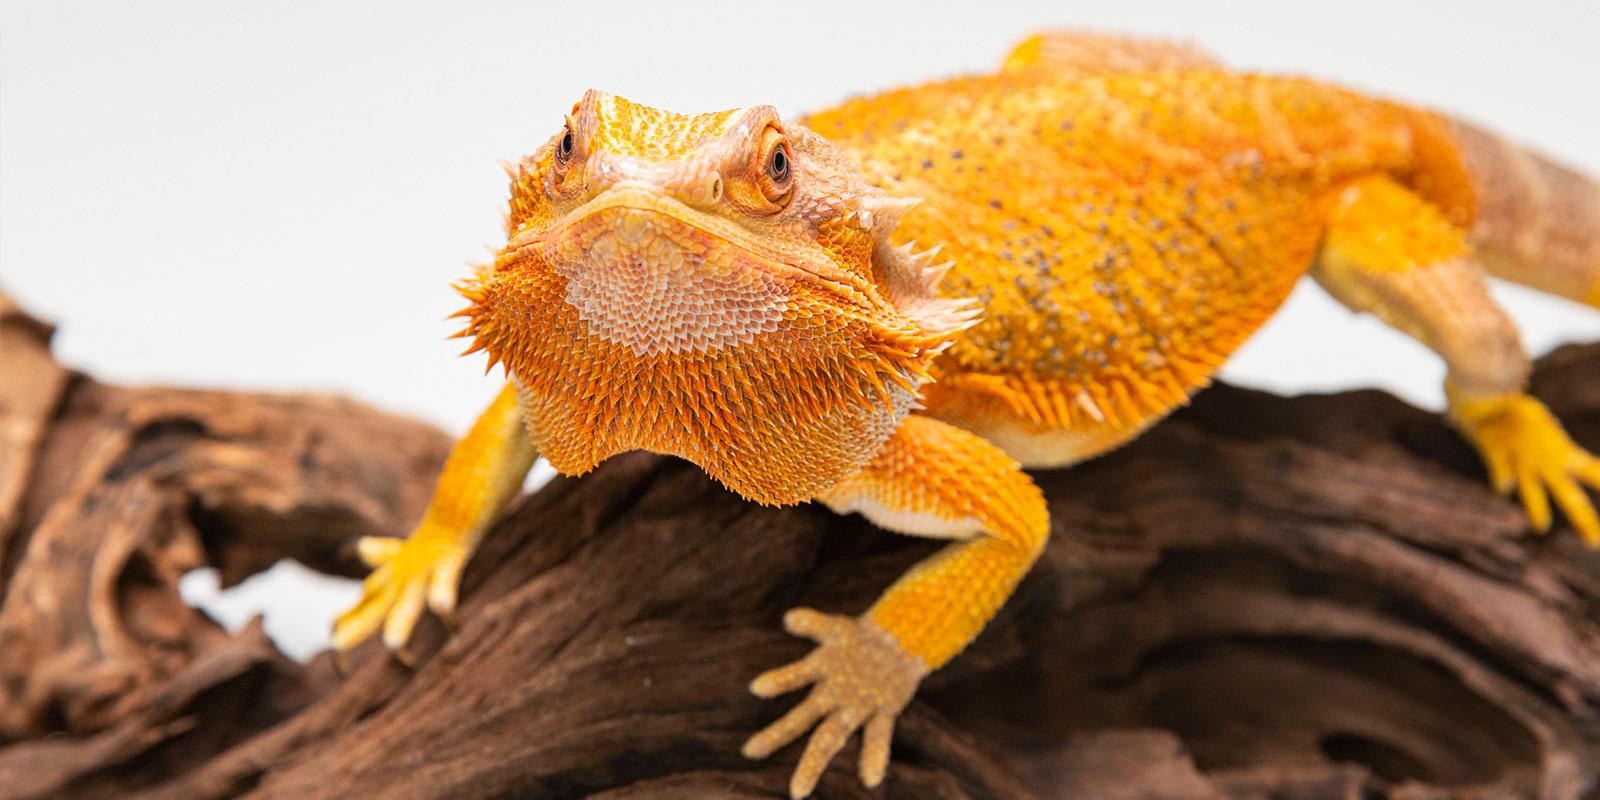 爬虫類は「命」であることを忘れないでほしいのです